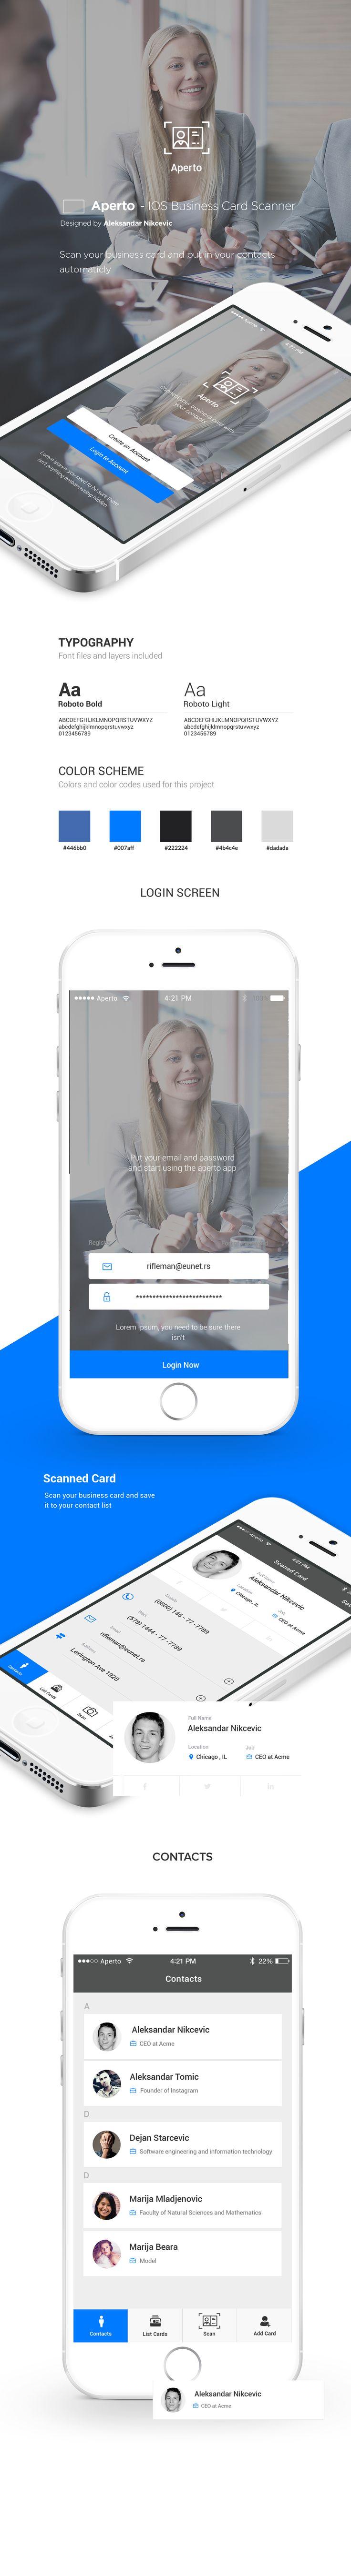 Business Card Scanner App Design on Behance